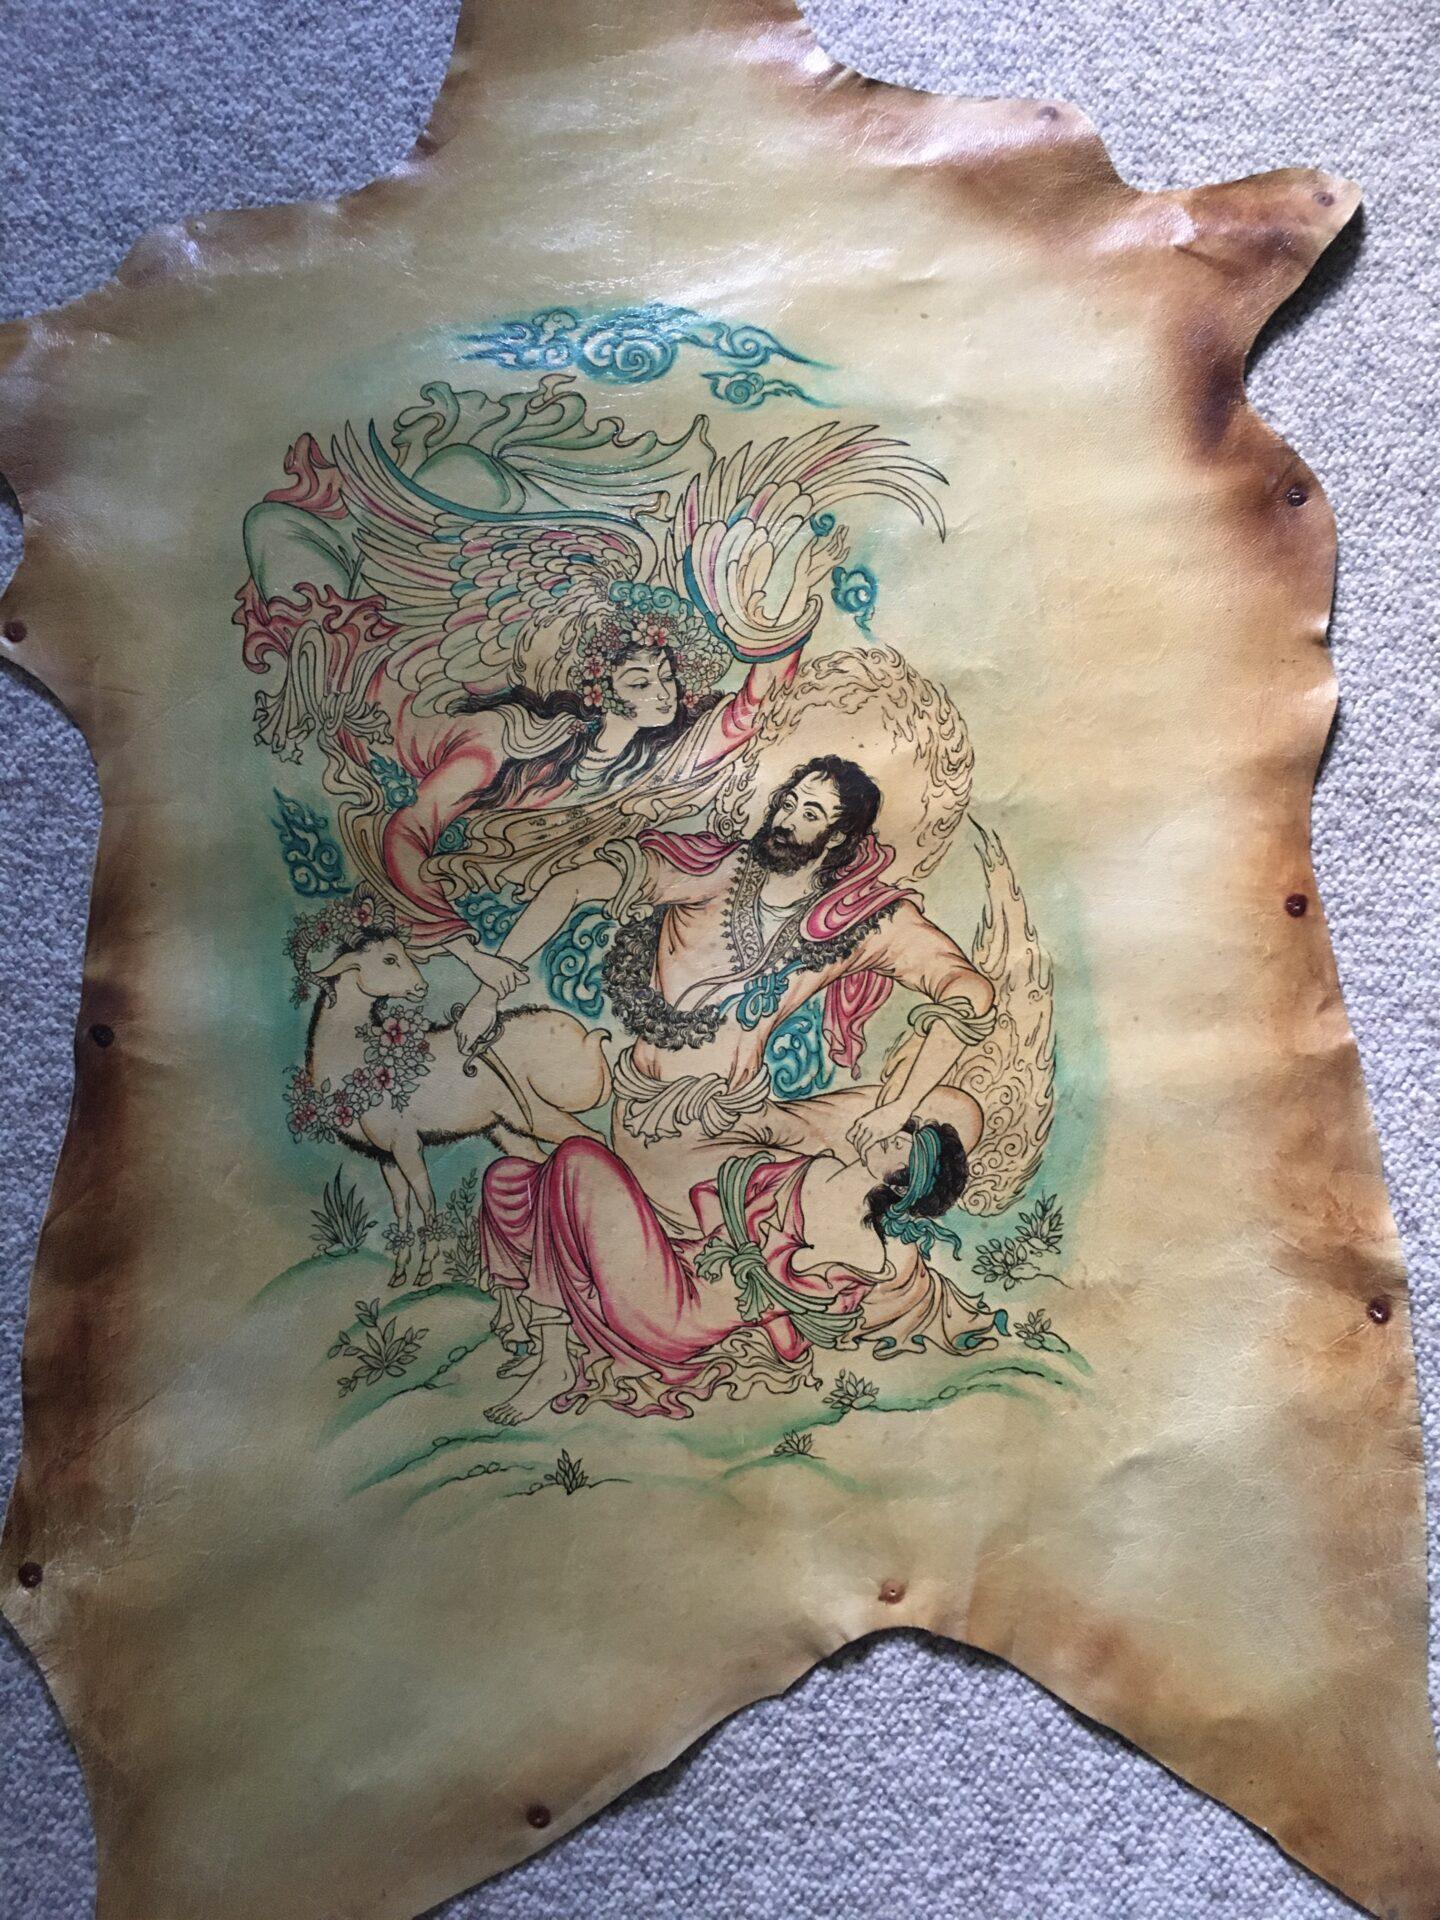 Bibelsk motiv malet på et gedeskind. (ca 50x60 cm). Abraham skal ofre sin søn Isak.